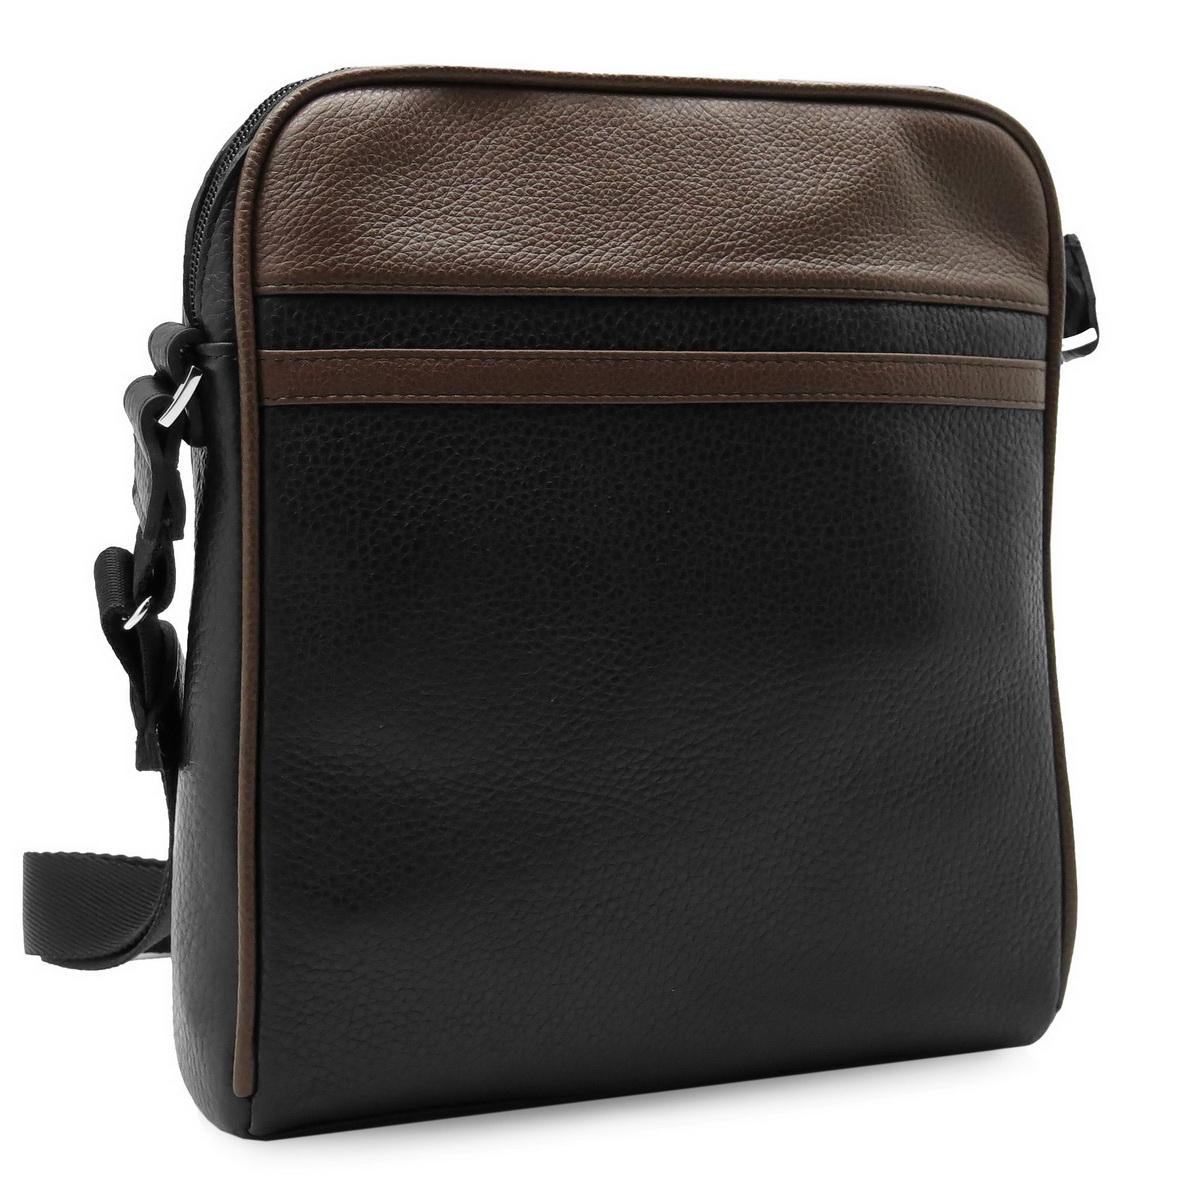 Сумка мужская Alexandr, цвет: черный, коричневый. П-33/63859425-002Стильная мужская сумка Alexandr изготовлена из натуральной кожи с зернистой фактурой, оформлена металлической фурнитурой и вставками из кожи коричневого цвета.Изделие содержит одно отделение, которое закрывается на застежку-молнию. Внутри сумки расположен врезной карман на молнии. Задняя стенка сумки дополнена врезным карманом на молнии. Изделие оснащено наплечным ремнем, длина которого регулируется при помощи пряжки.Практичный аксессуар вместит в себя все необходимое и позволит сохранить ваши документы.